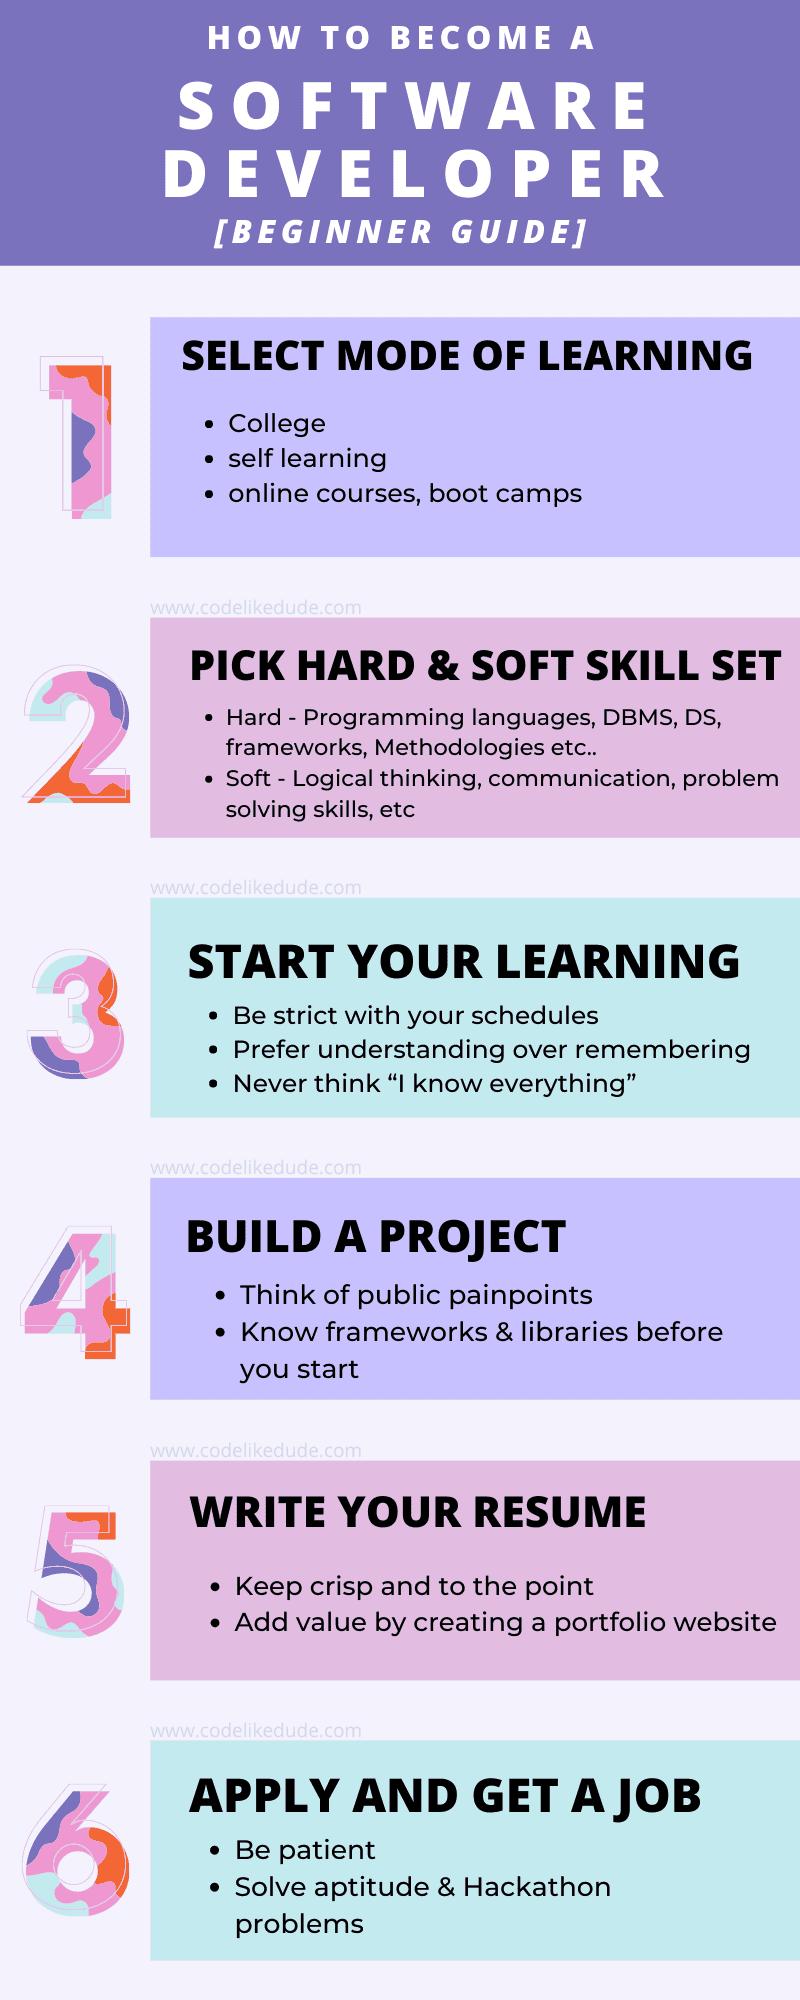 software developer key skills, software developer life cycle, ,software developer internship